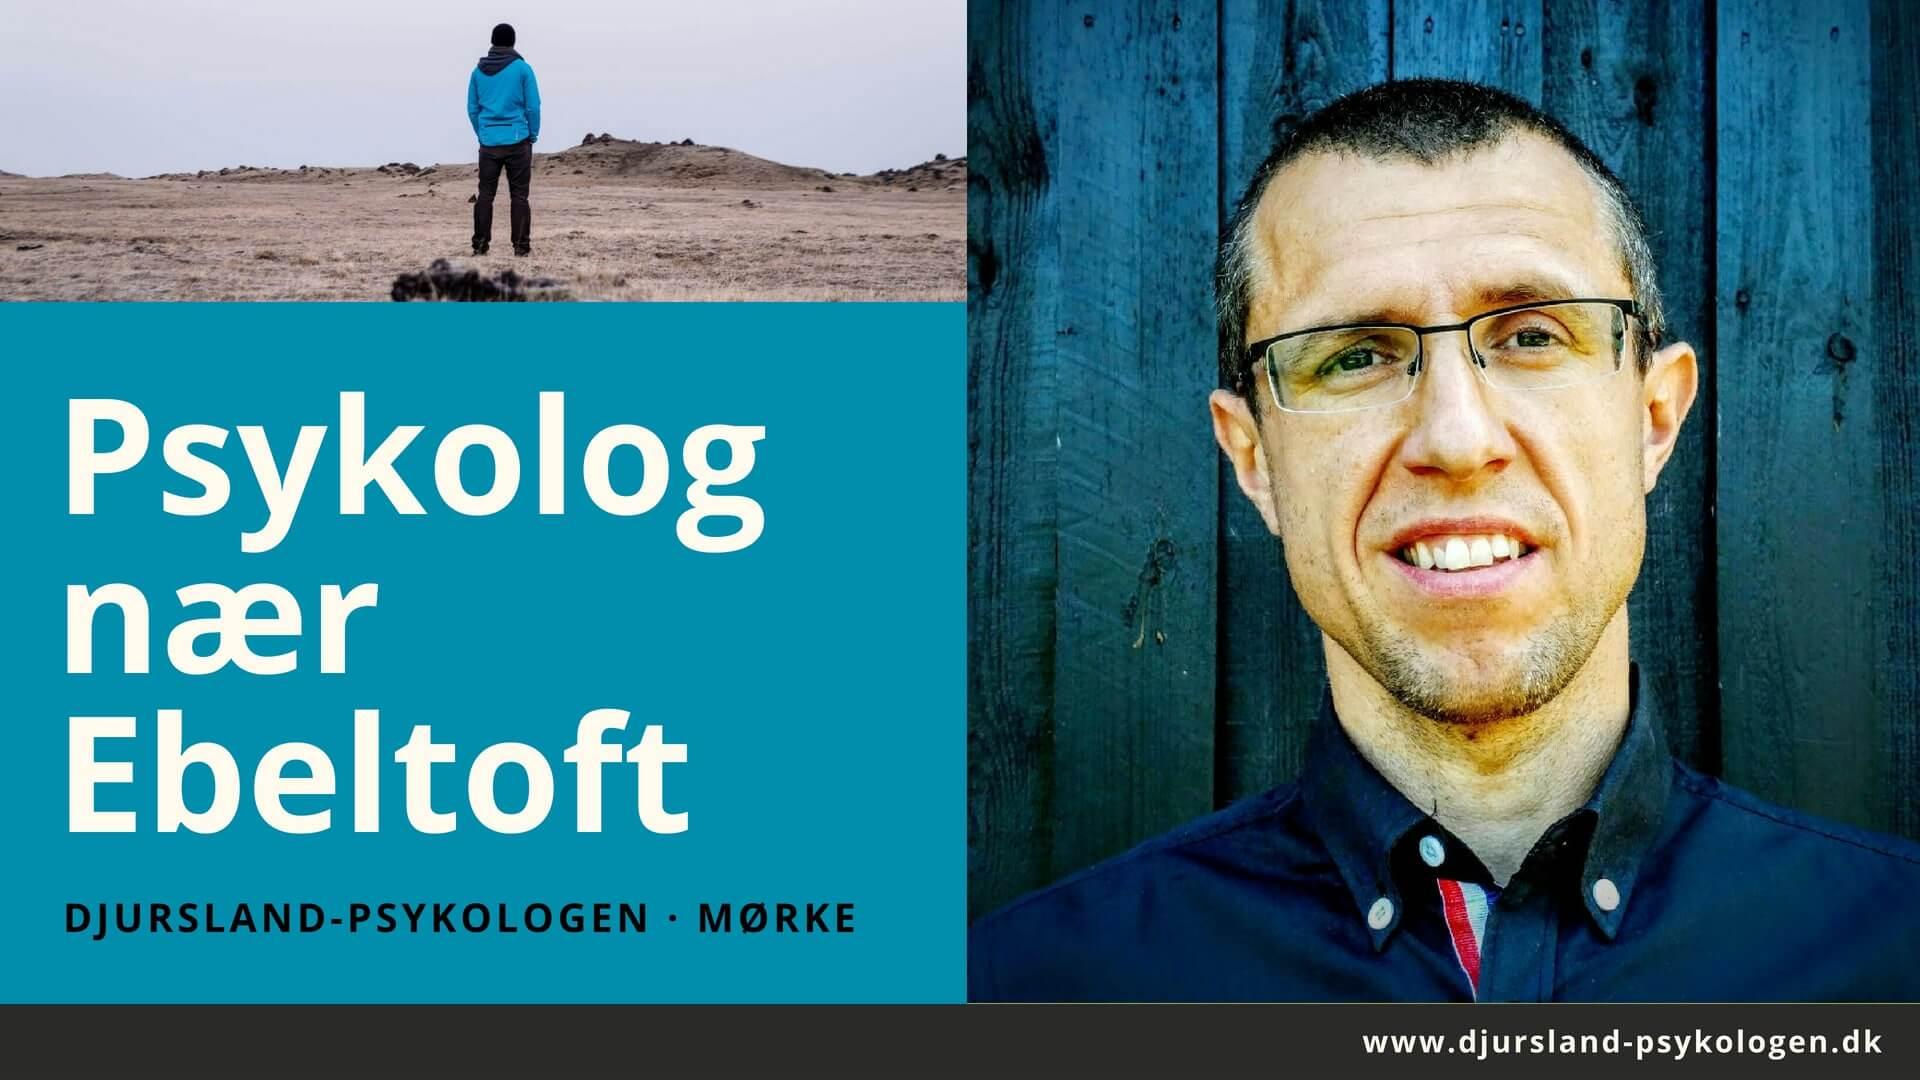 Venlig psykolog nær Ebeltoft - uden ventetid. Tlf. 89 88 44 45. Psykolog-hjælp til stress, angst, depression og kriser.